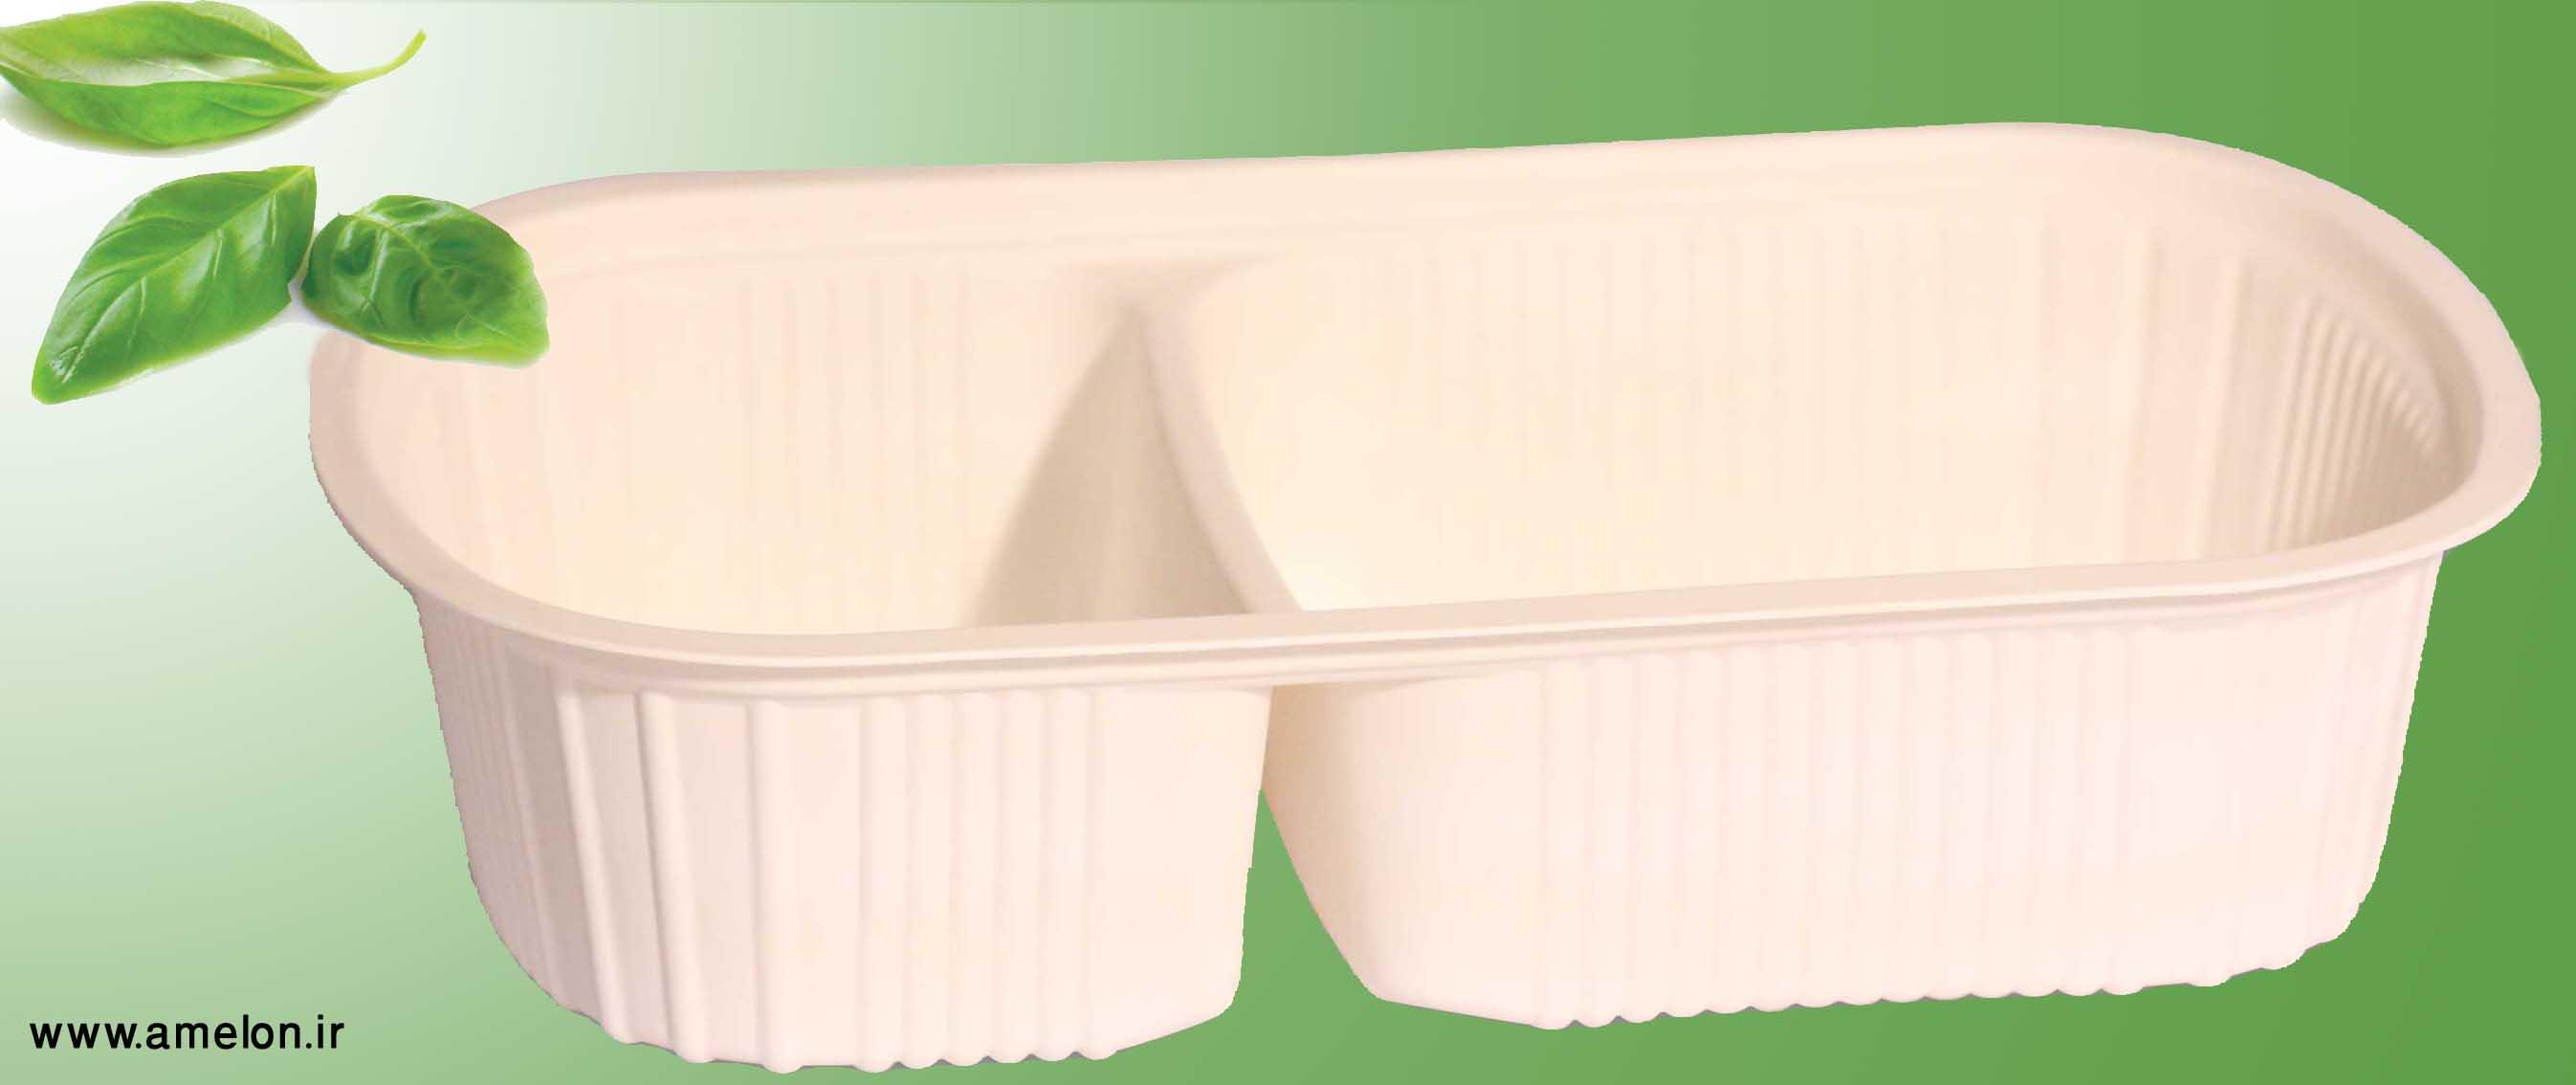 فروش عمده ظروف یکبار مصرف گیاهی